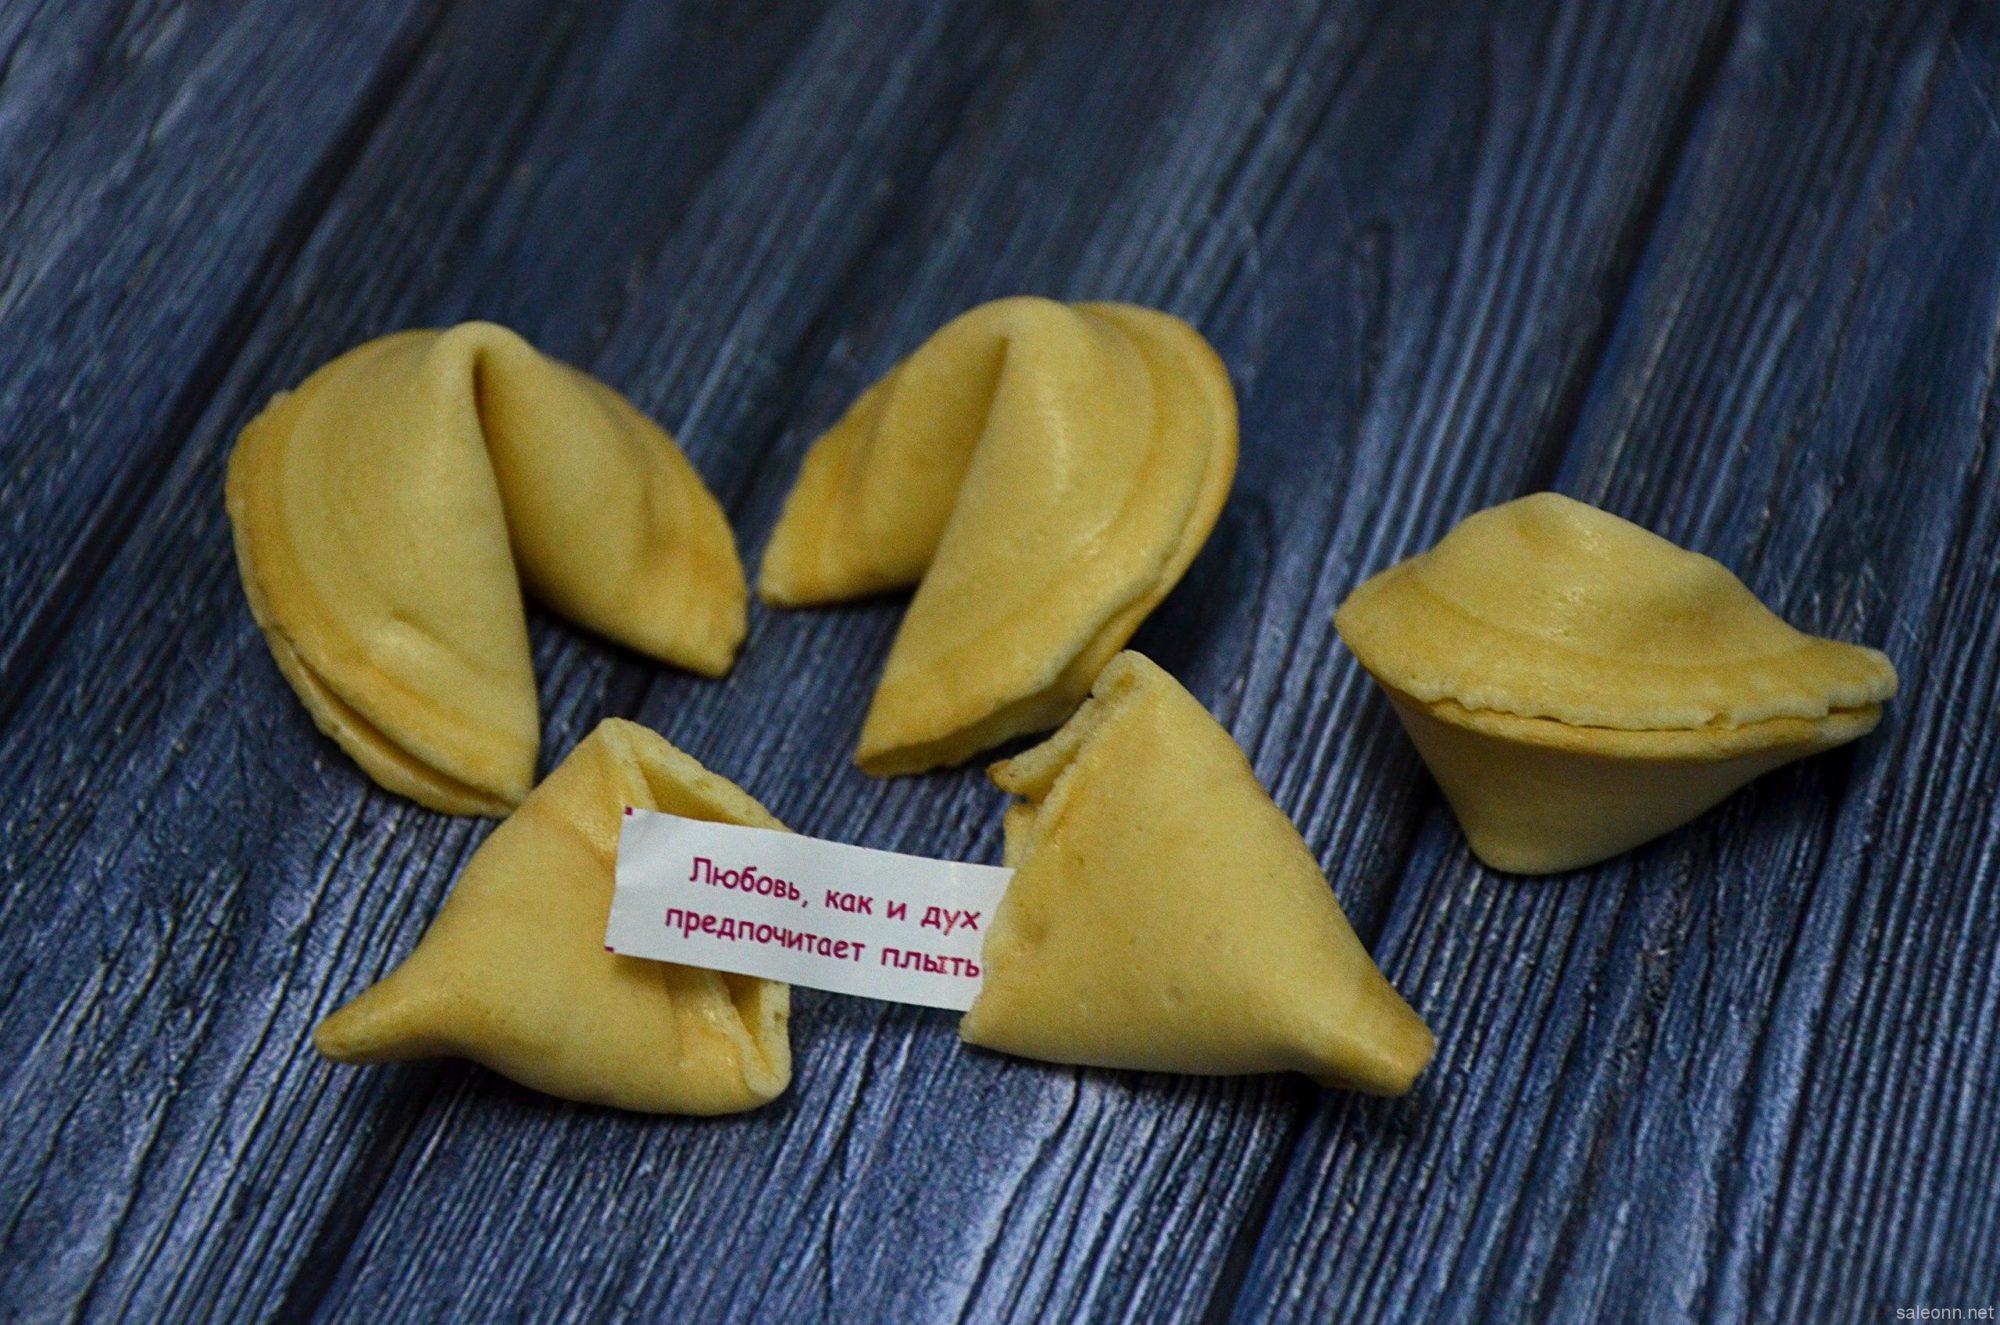 китайское печенье с пожеланиями откуда появилось при покупке